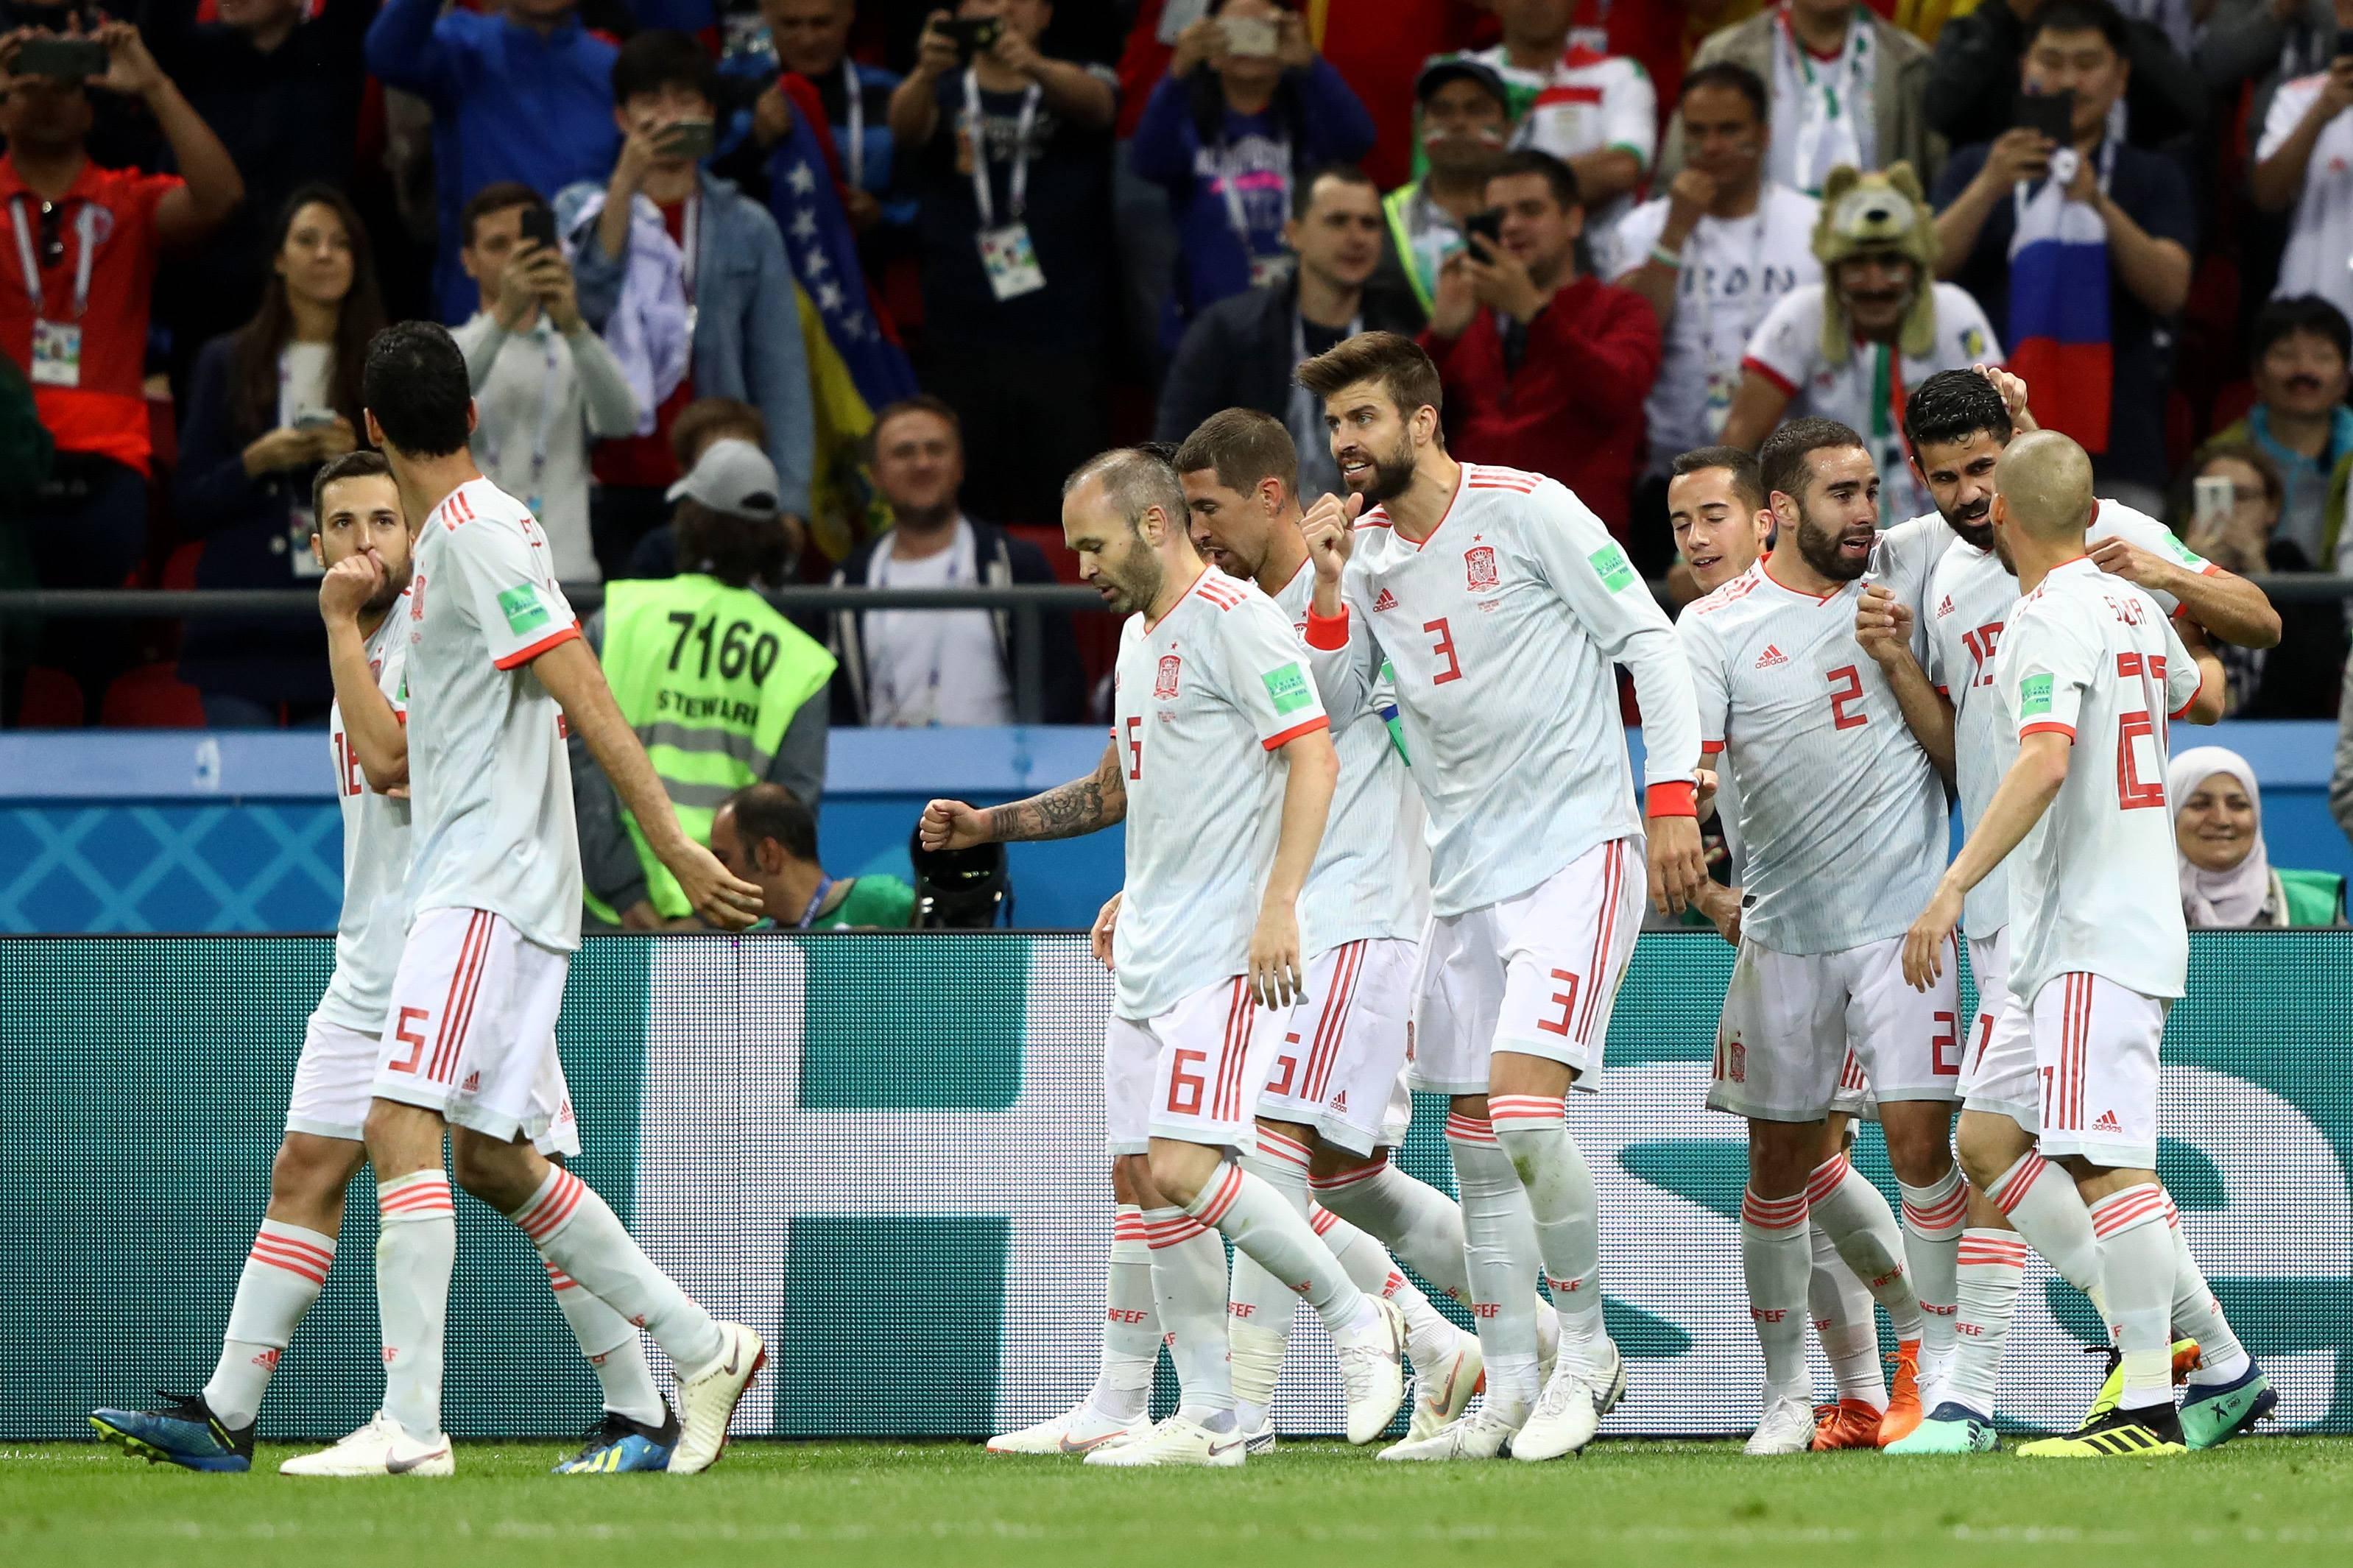 แย่งเข้ารอบสนุก! 5 สถิติเด่นหลังแมตช์สเปนเฉือนอิหร่าน 1-0